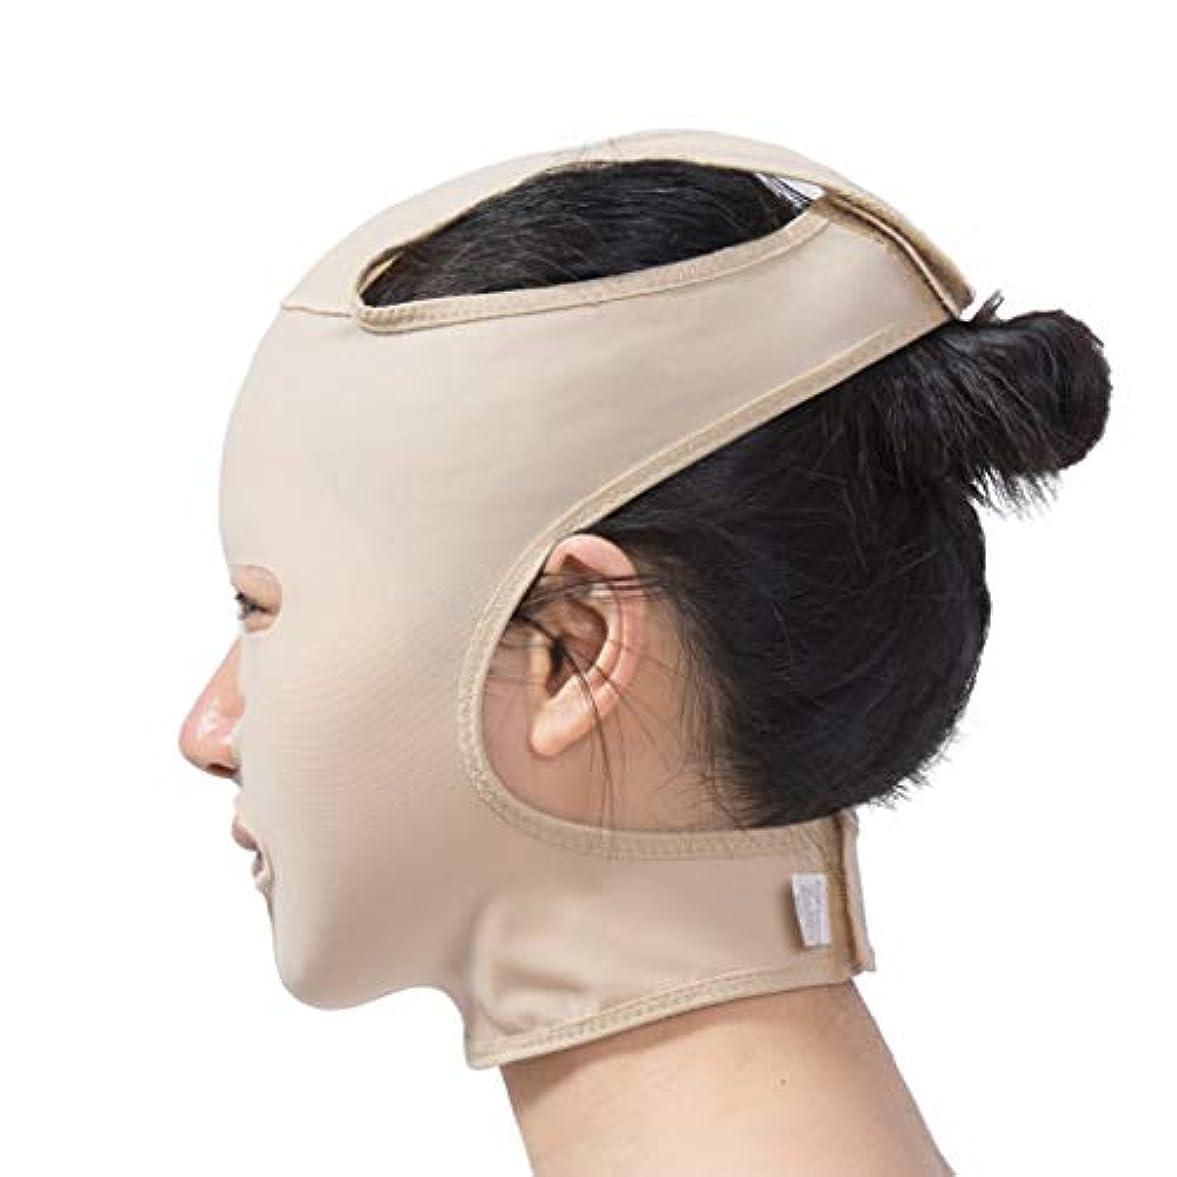 販売員申請中証言フェイスリフトマスク、フルフェイスマスク医療グレード圧力フェイスダブルチンプラスチック脂肪吸引術弾性包帯ヘッドギア後の顔の脂肪吸引術 (Size : S)